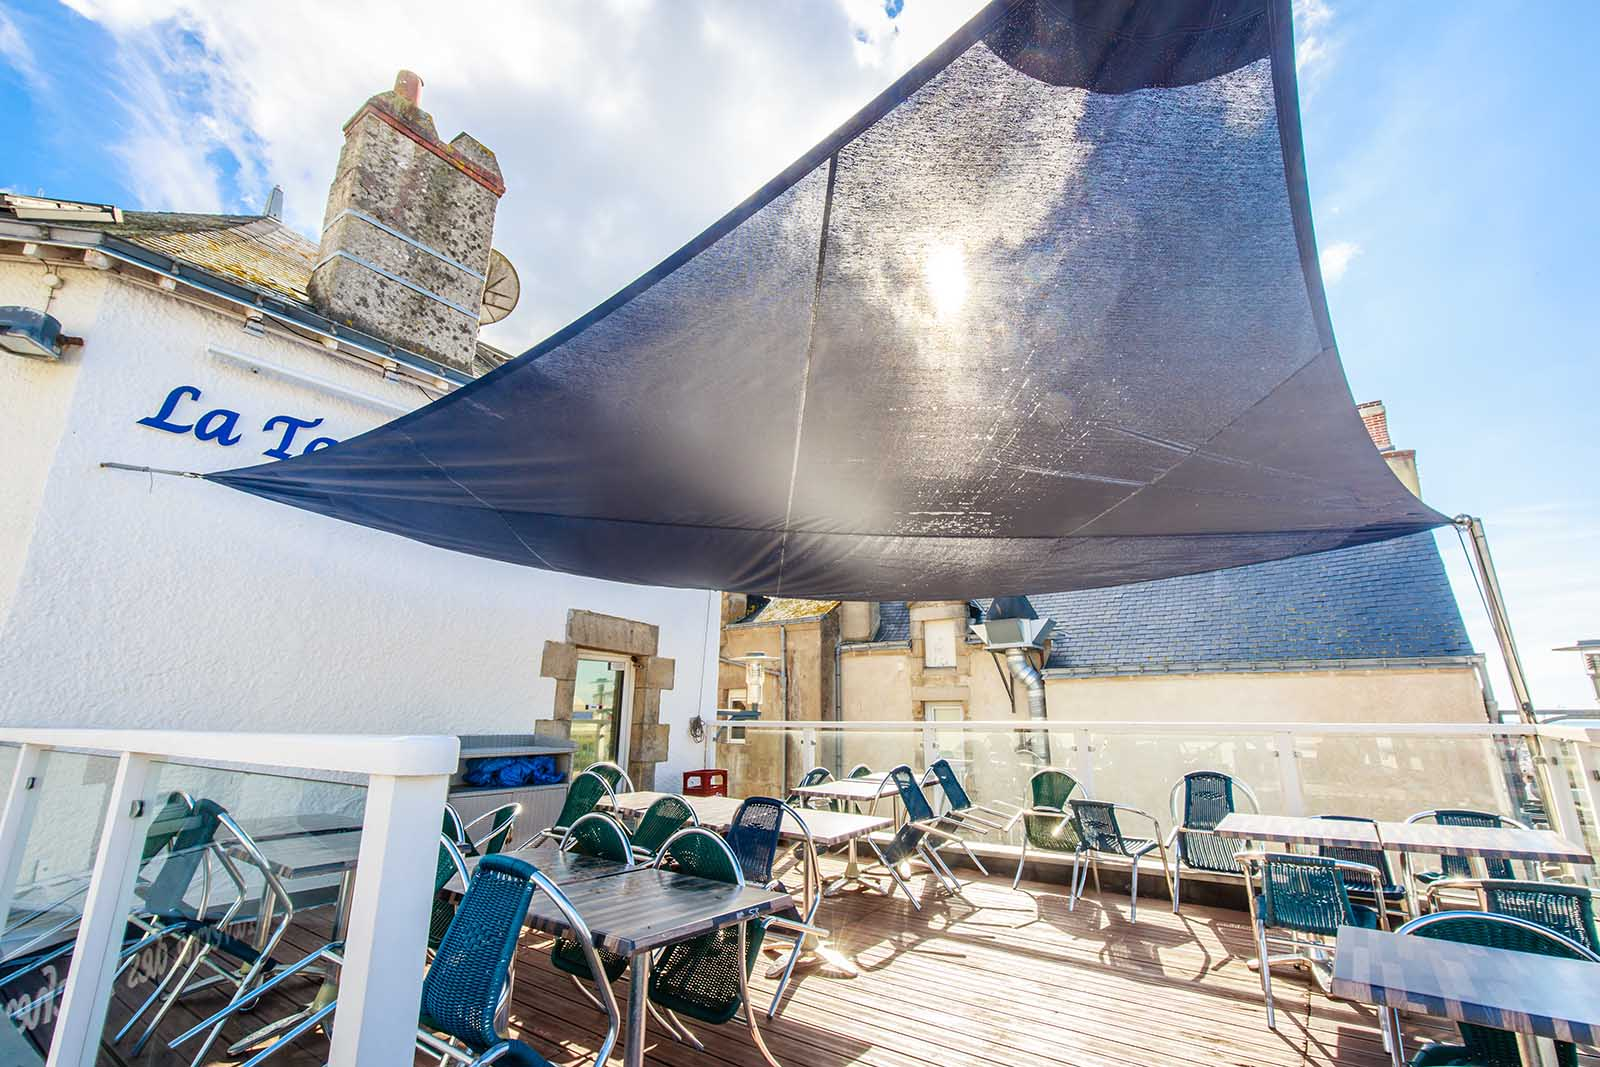 Voiles-d-ombrage-sur-mesure-ERP-Hôtel&restaurants-voiledombrage-pour-terrasses-de-café-métallerie-artdesigninox-showroom-de-guérande (1) copie